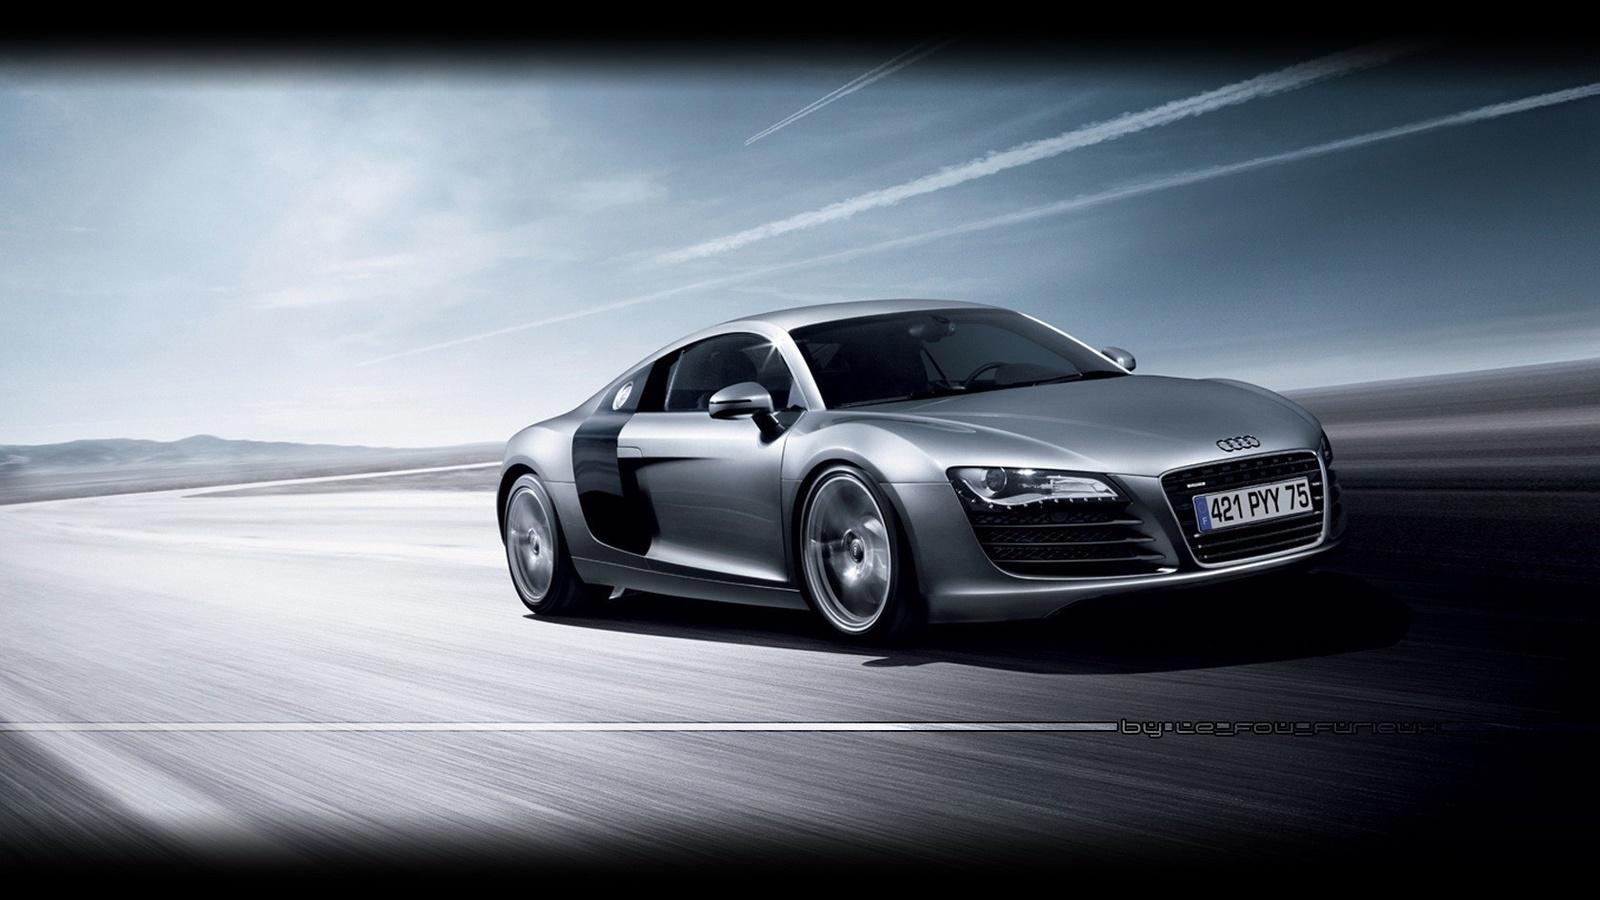 Картинки авто, машина, car, ауди, audi ...: www.nastol.com.ua/download/7519/1600x900